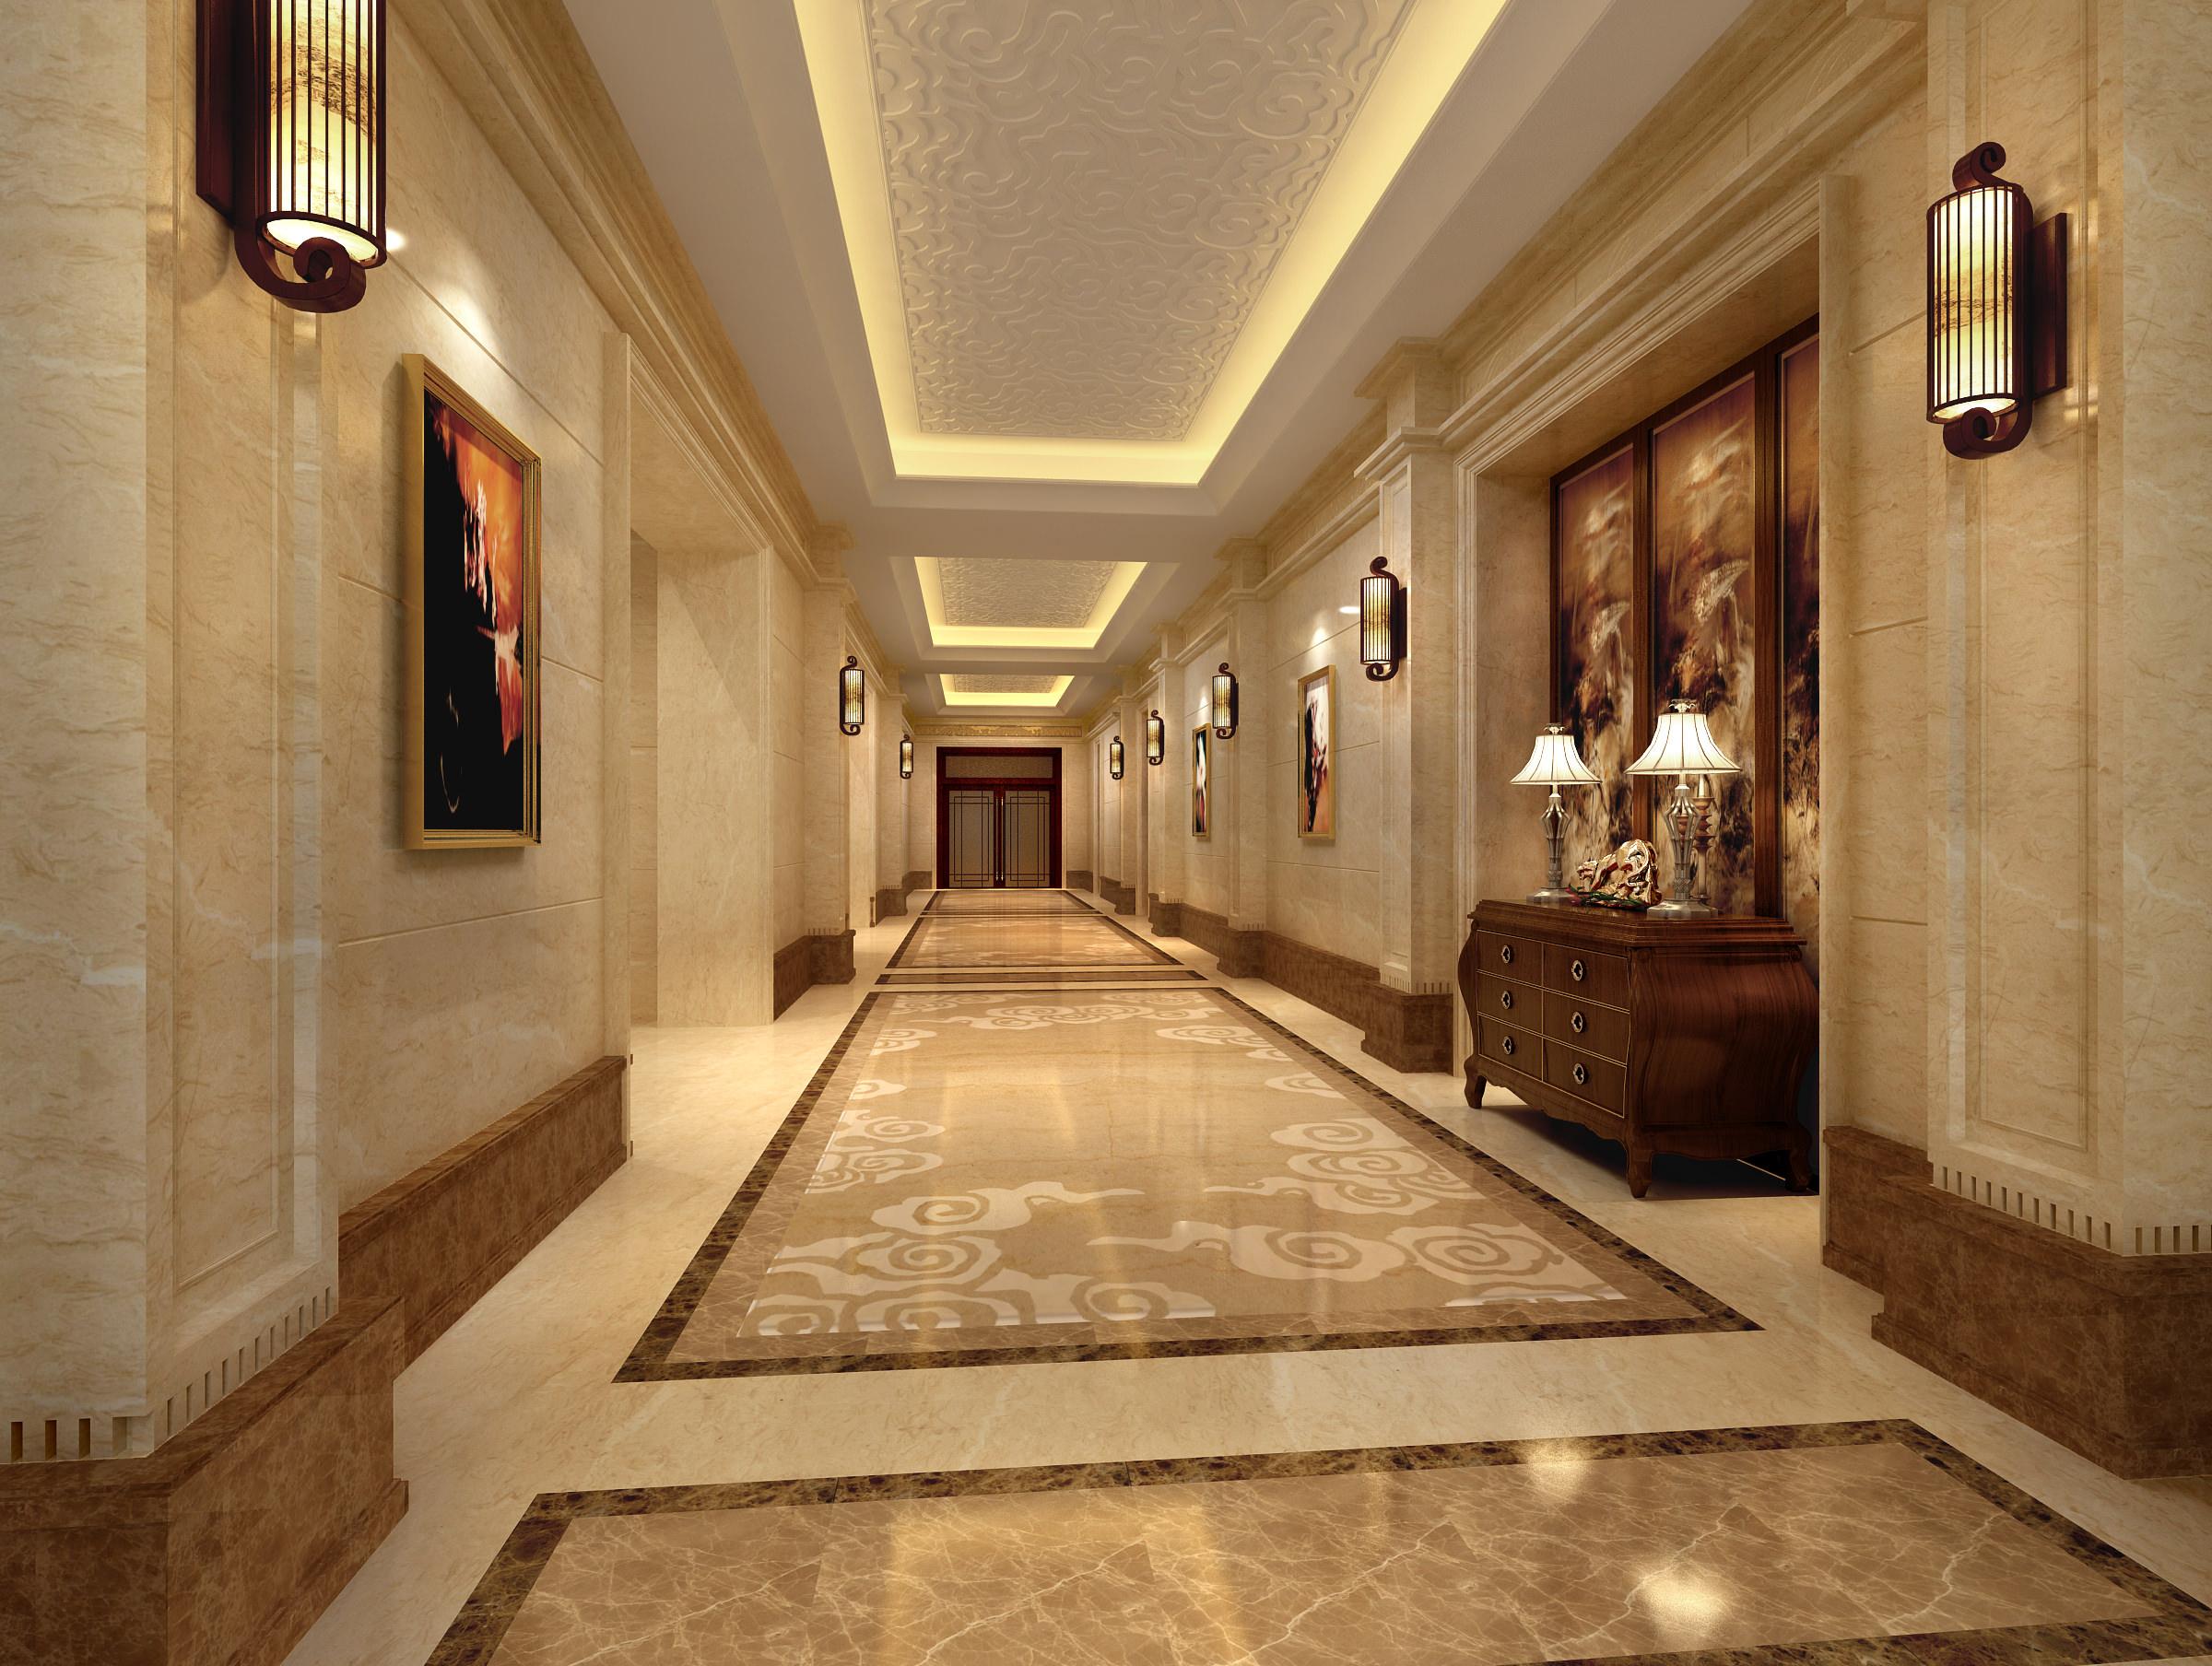 Schilderij model corridor: schilderij model corridor vrouwelijke